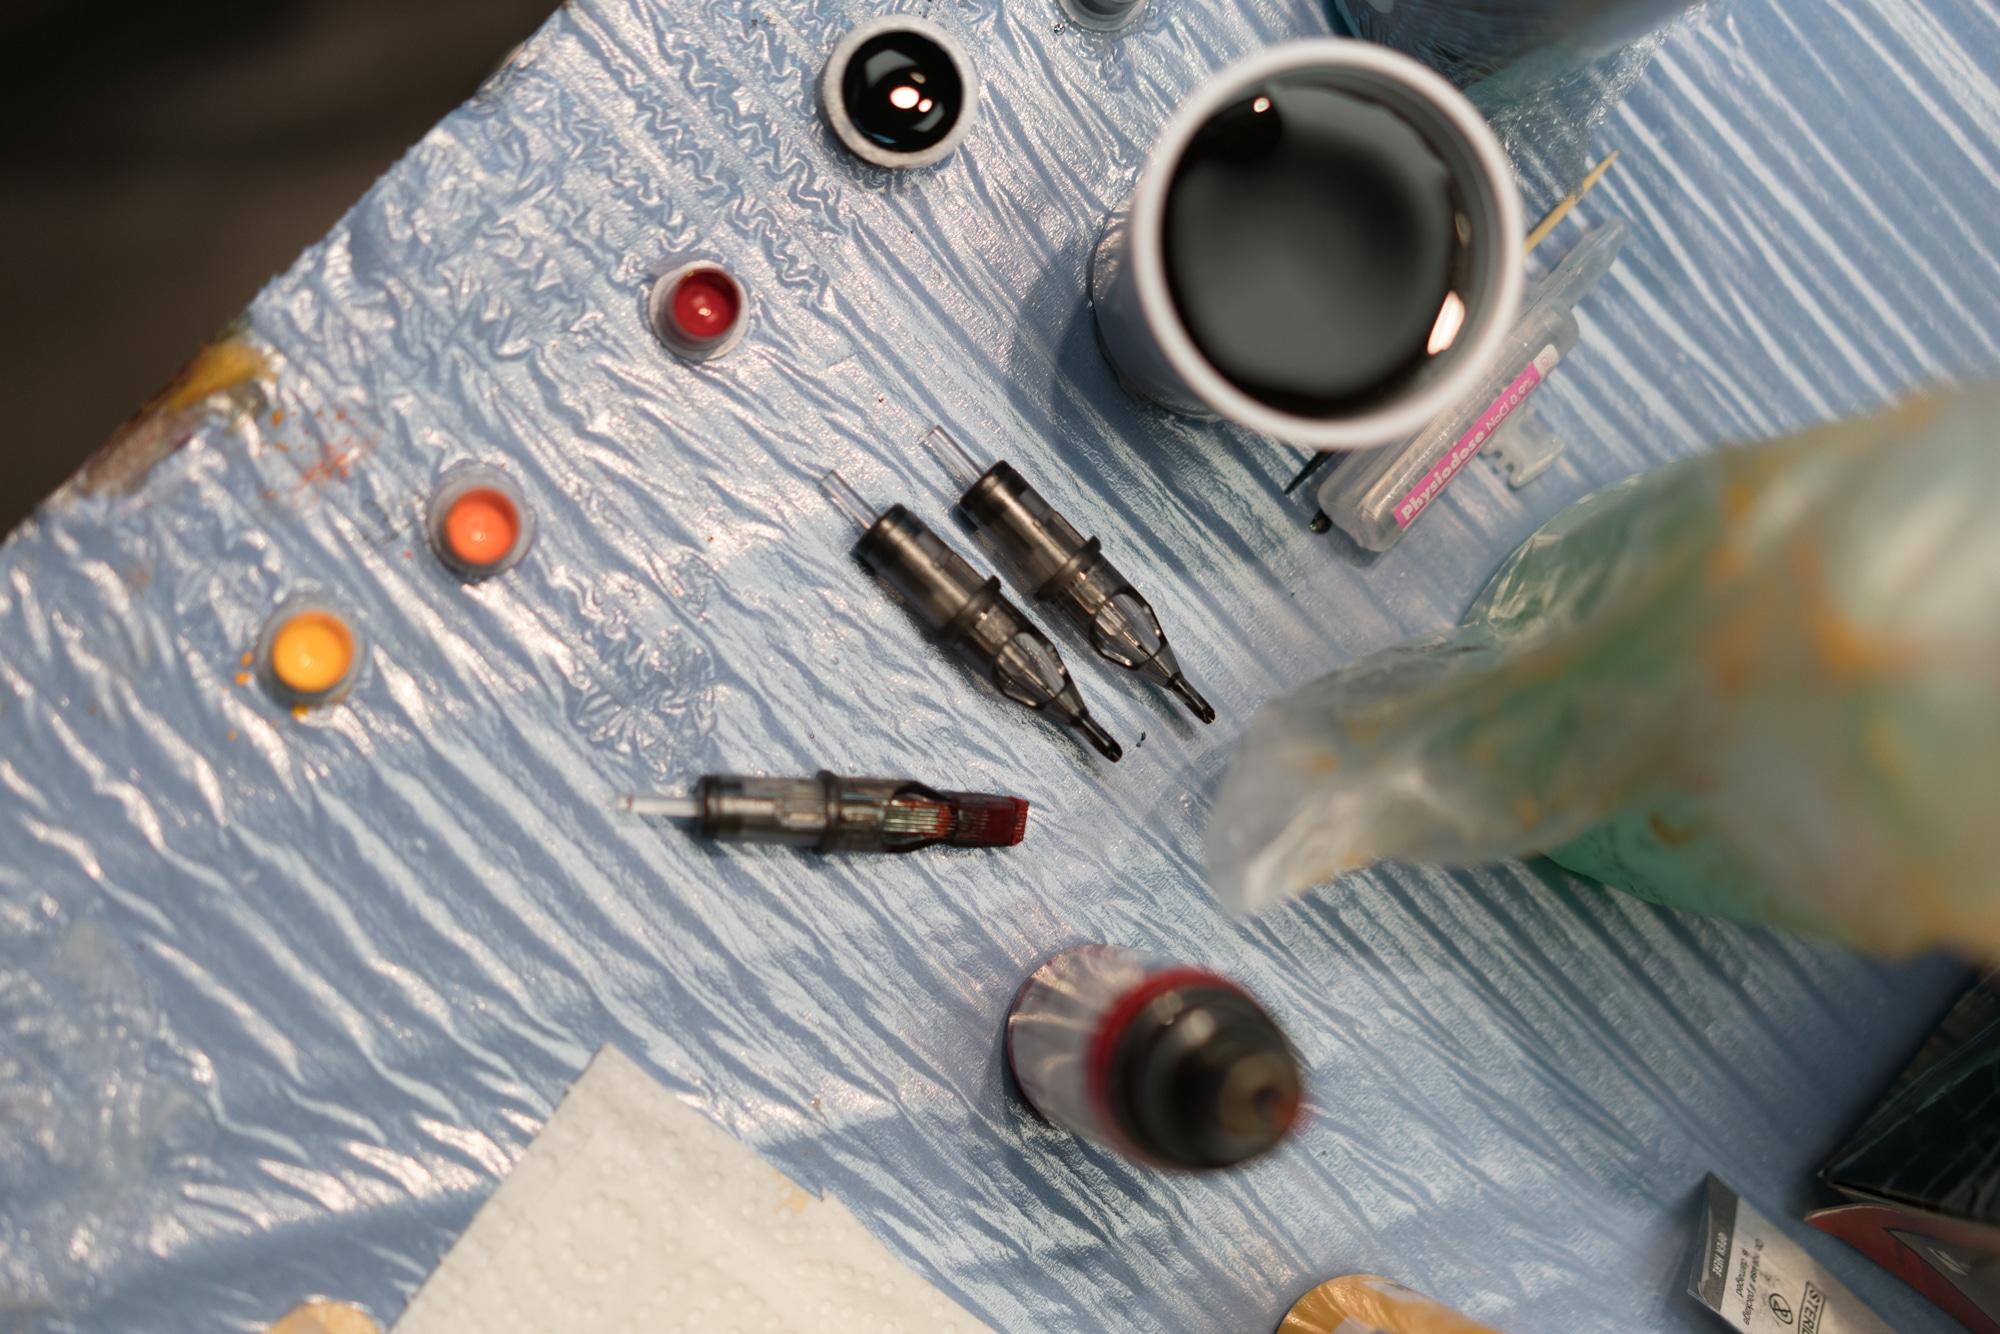 Un aperçu de la table de Damien, présentant les différentes aiguilles et encres employées